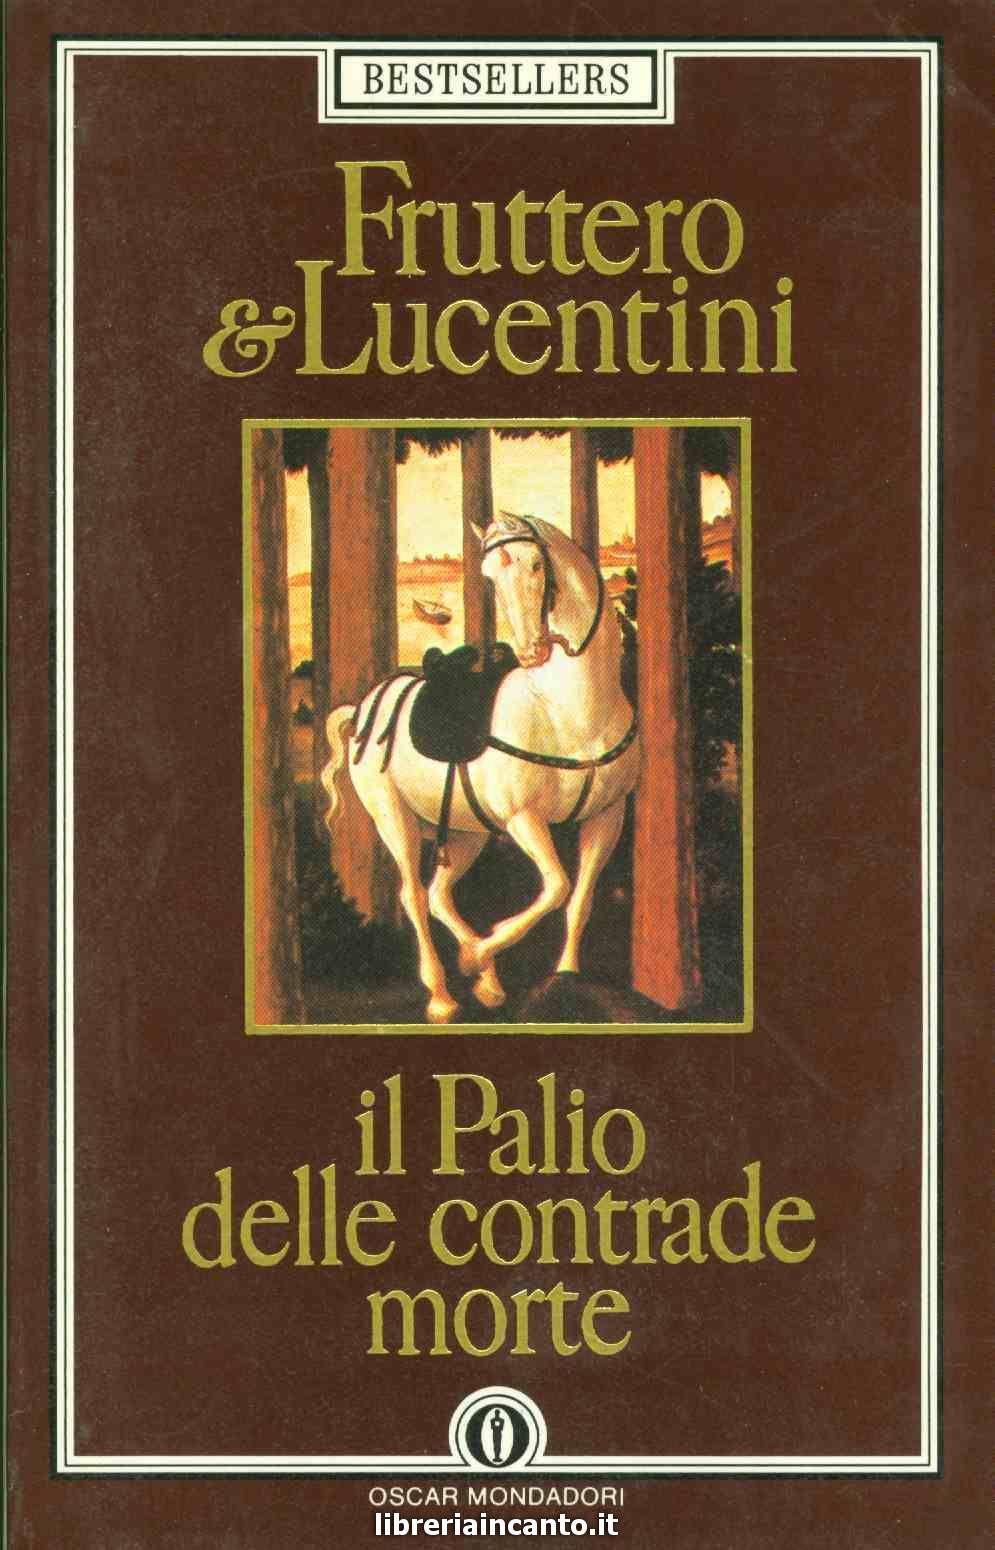 Fruttero e Lucentini, Il Palio delle contrade morte (1983)